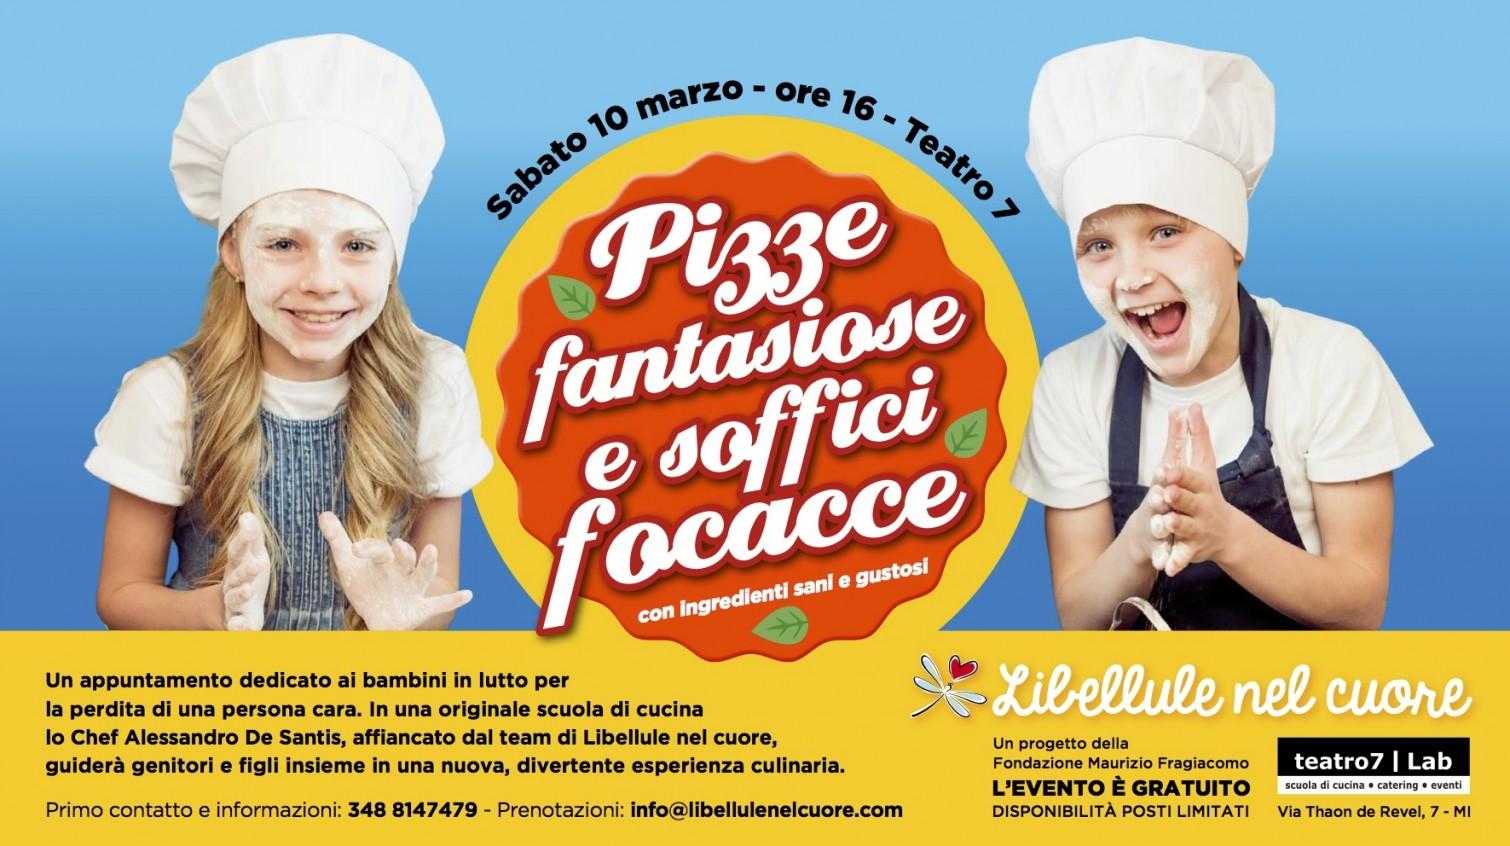 Pizze fantasiose e soffici focacce